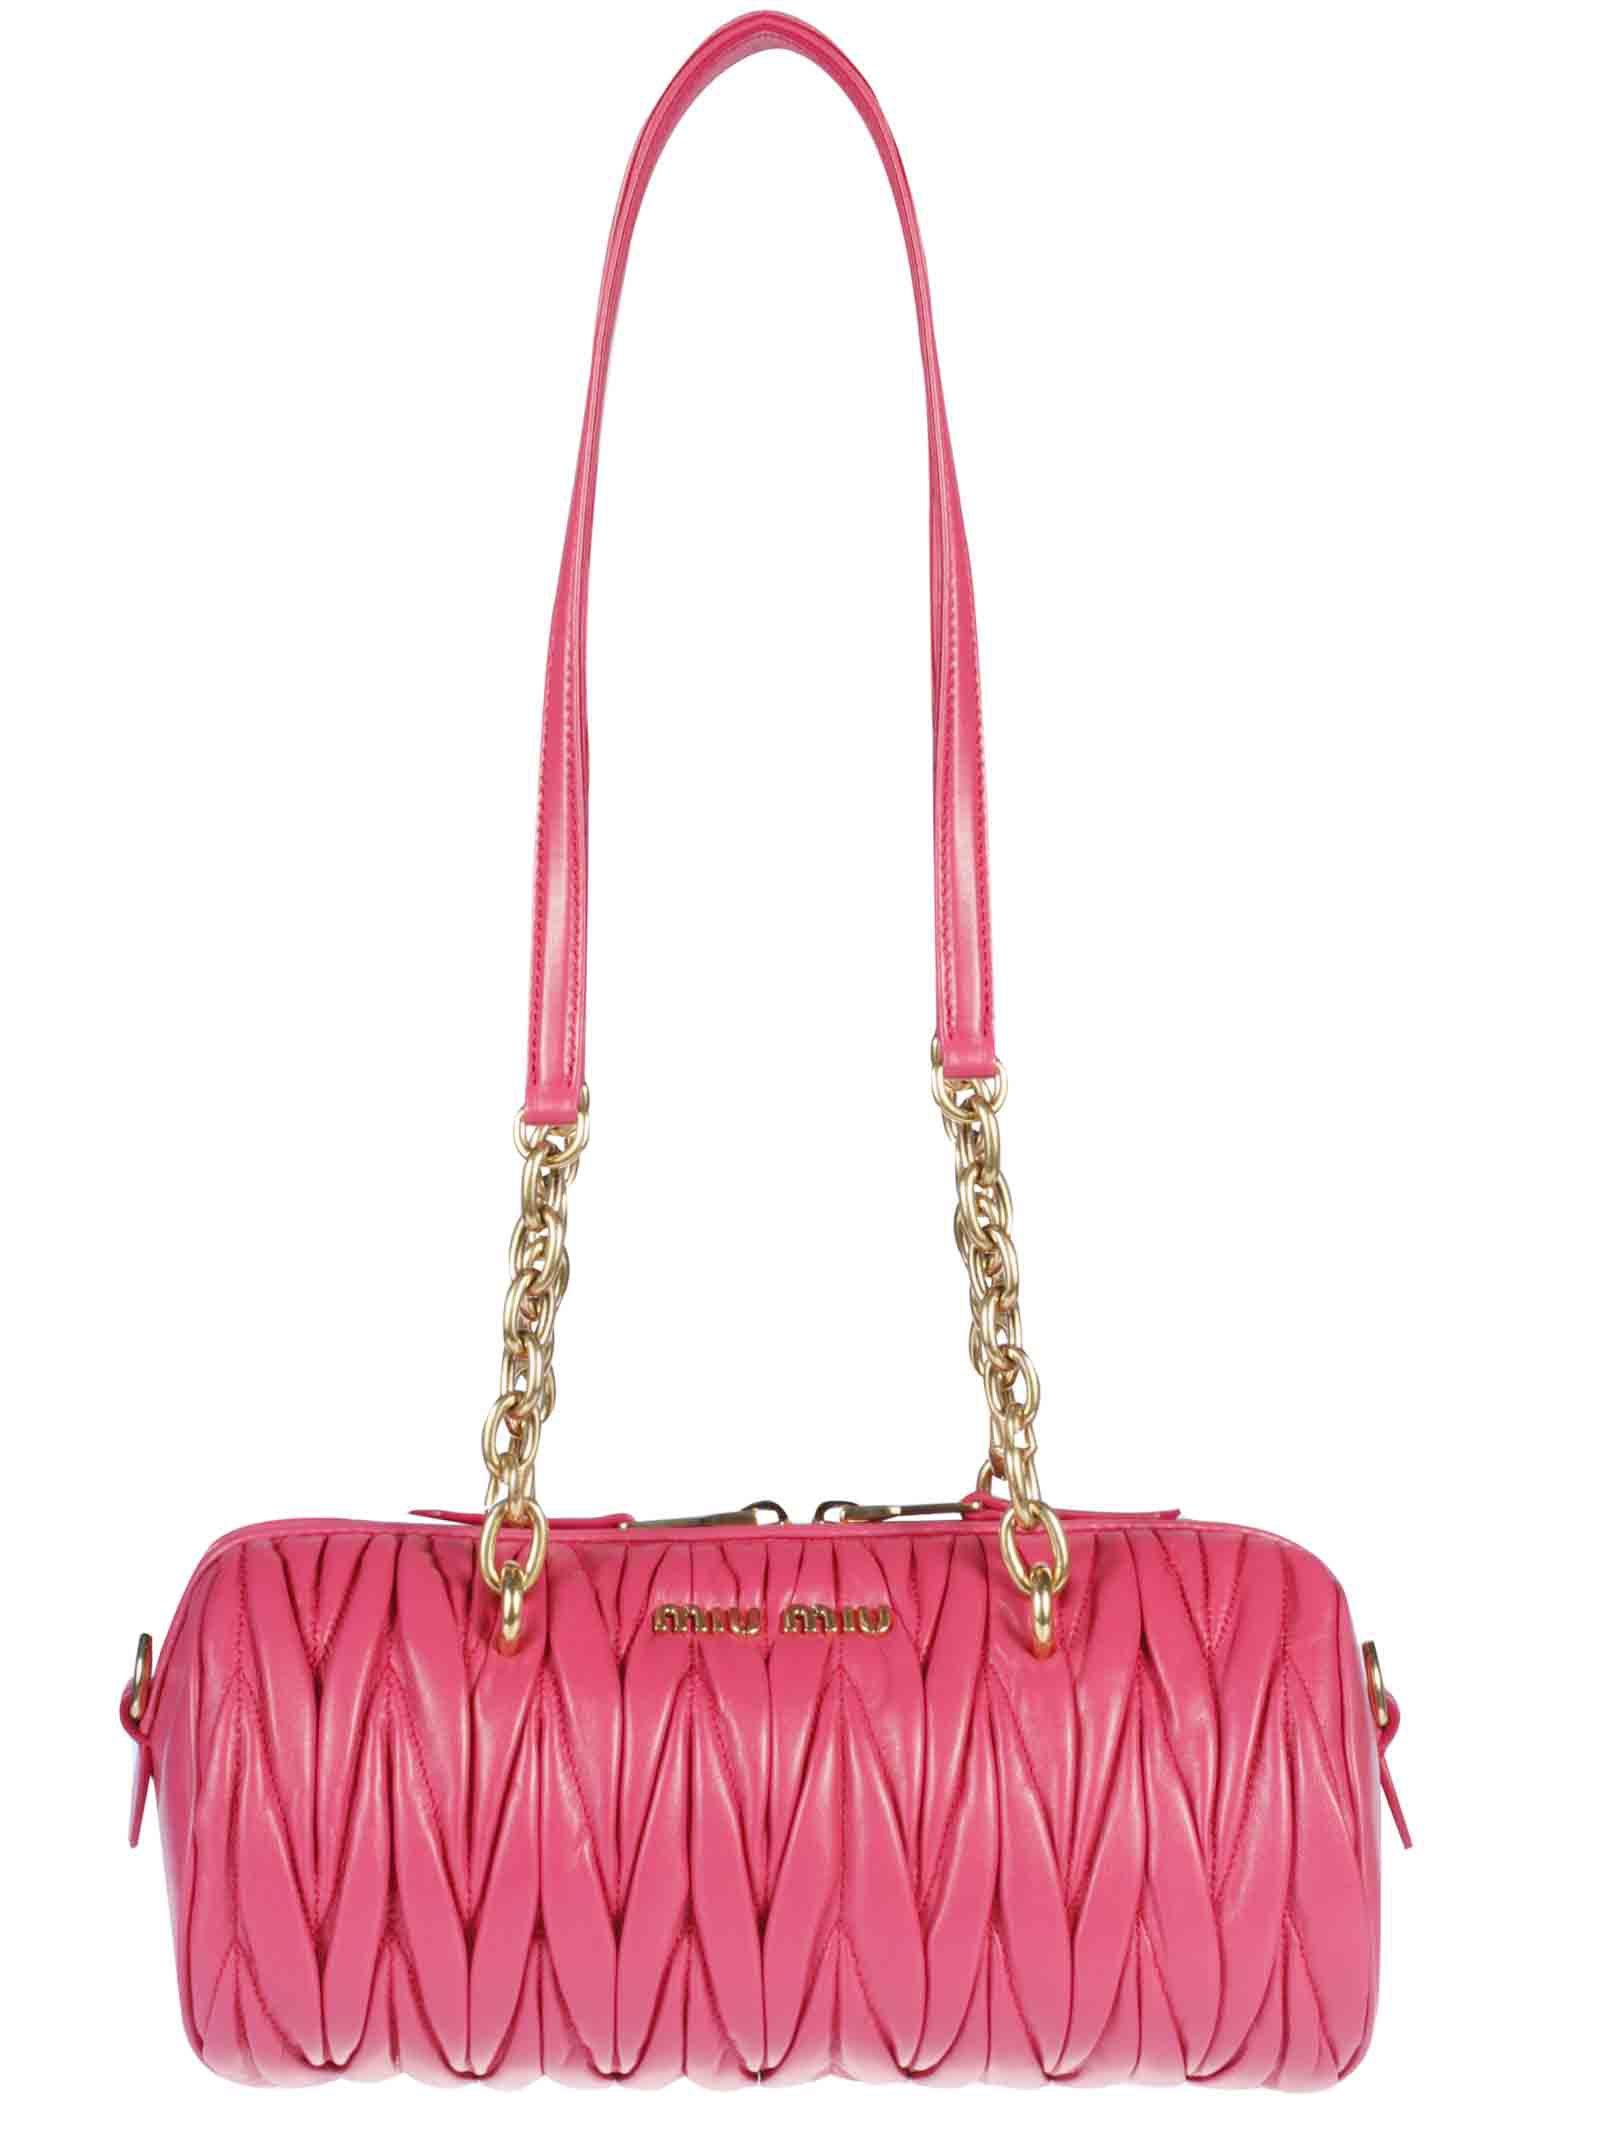 Miu Miu Bauletto Shoulder Bag